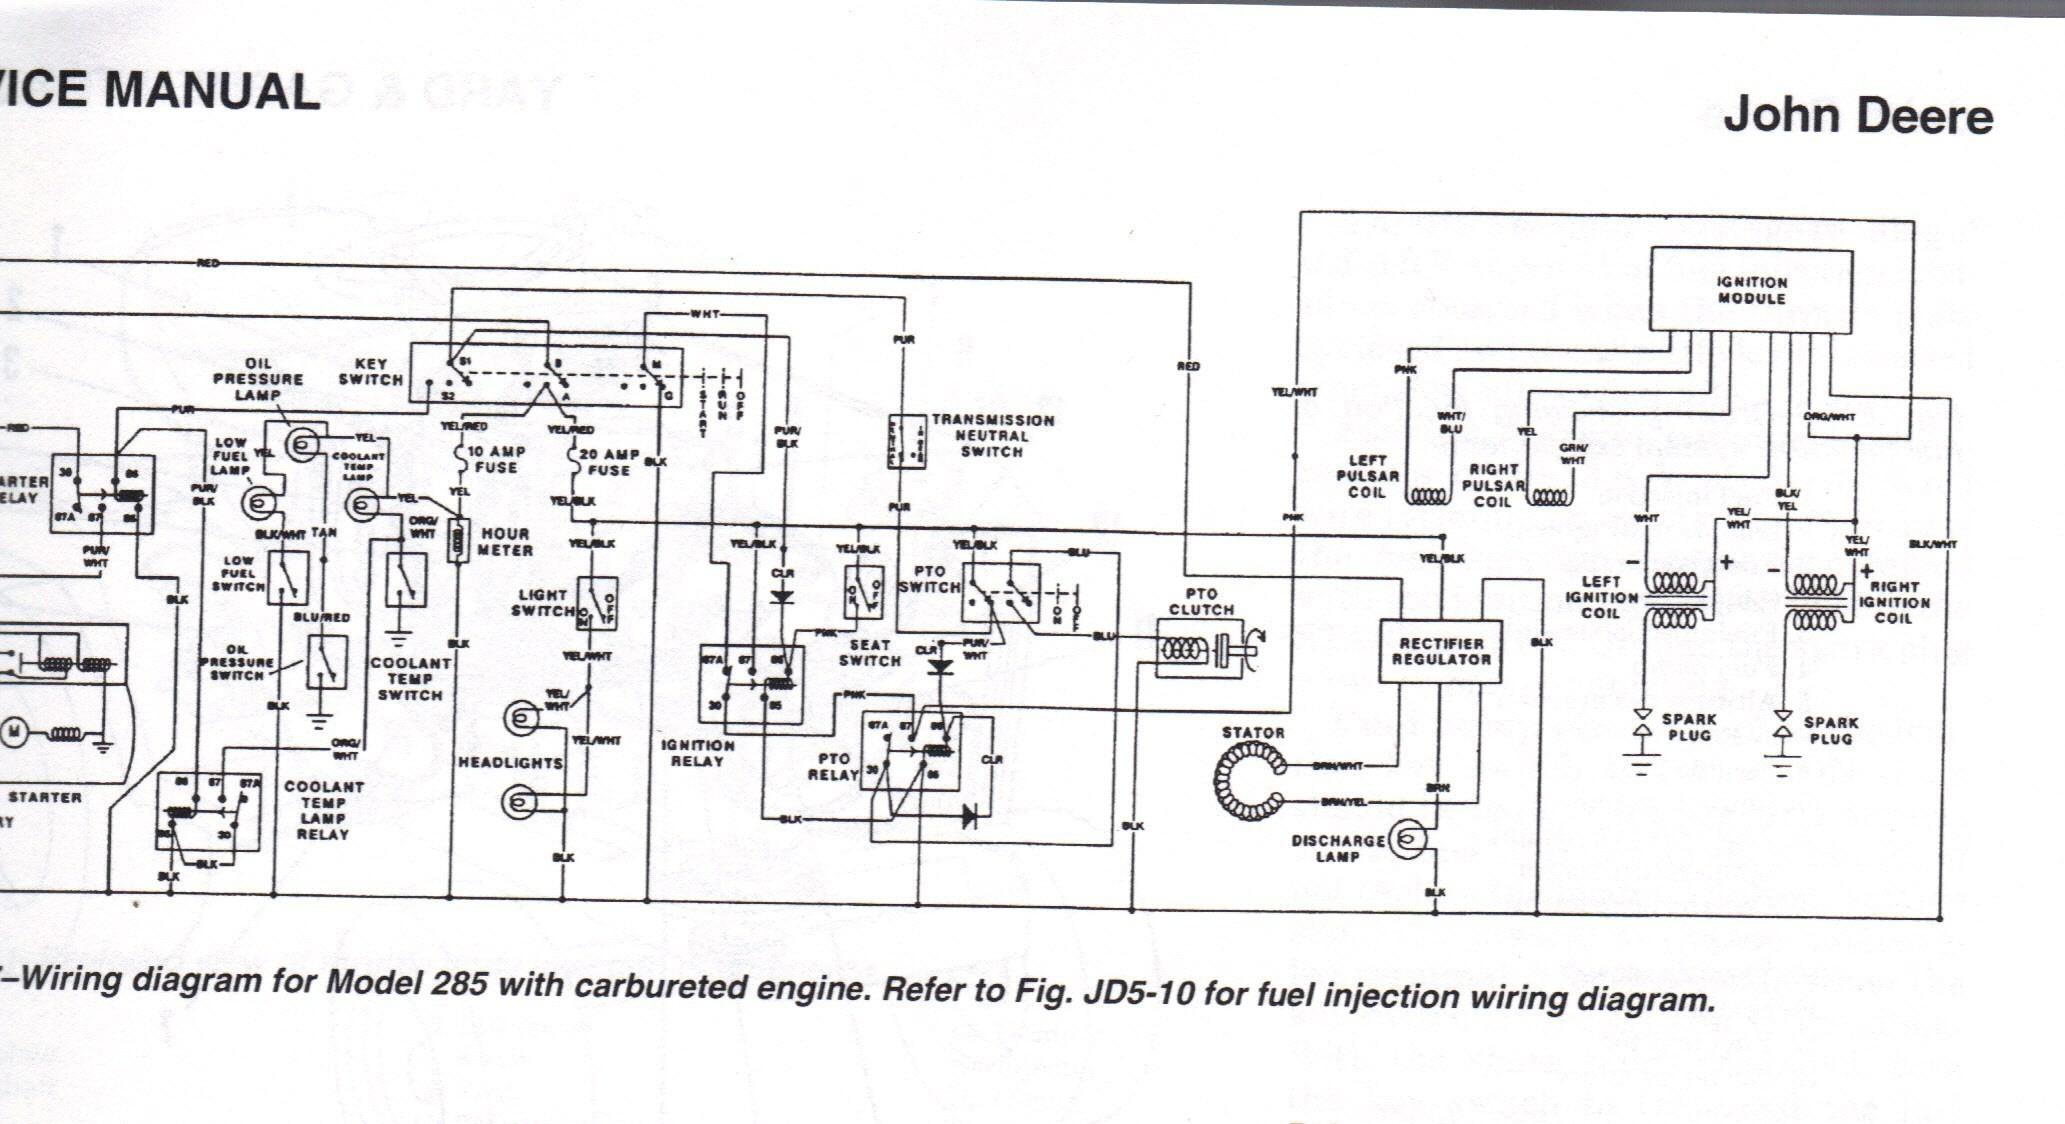 John Deere 318 Wiring Diagram Pdf Ww 1570] for John Deere 1050 Tractor Wiring Diagram Free Diagram Of John Deere 318 Wiring Diagram Pdf Cb 4290] for John Deere 1050 Tractor Wiring Diagram